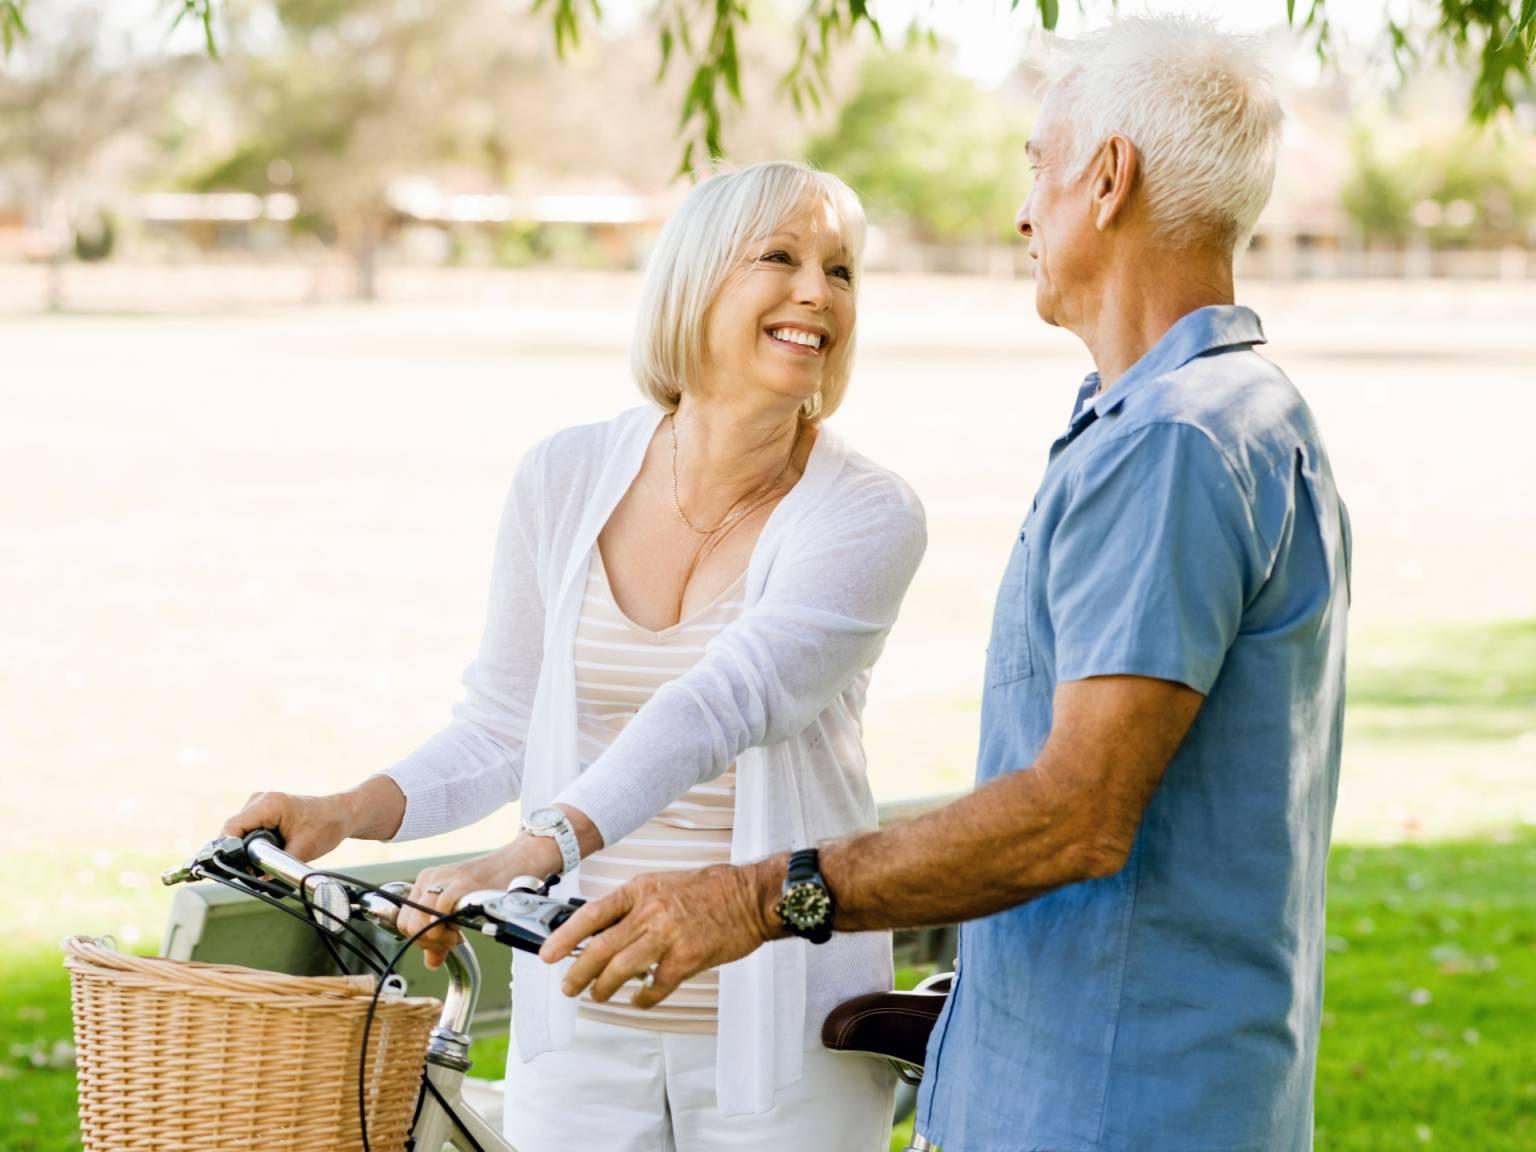 Leki roślinne i homeopatia na menopauzę - jakie preparaty łagodzą objawy klimakterium? Uśmiechnięci atrakcyjni seniorzy na przejażdżce rowerowej.